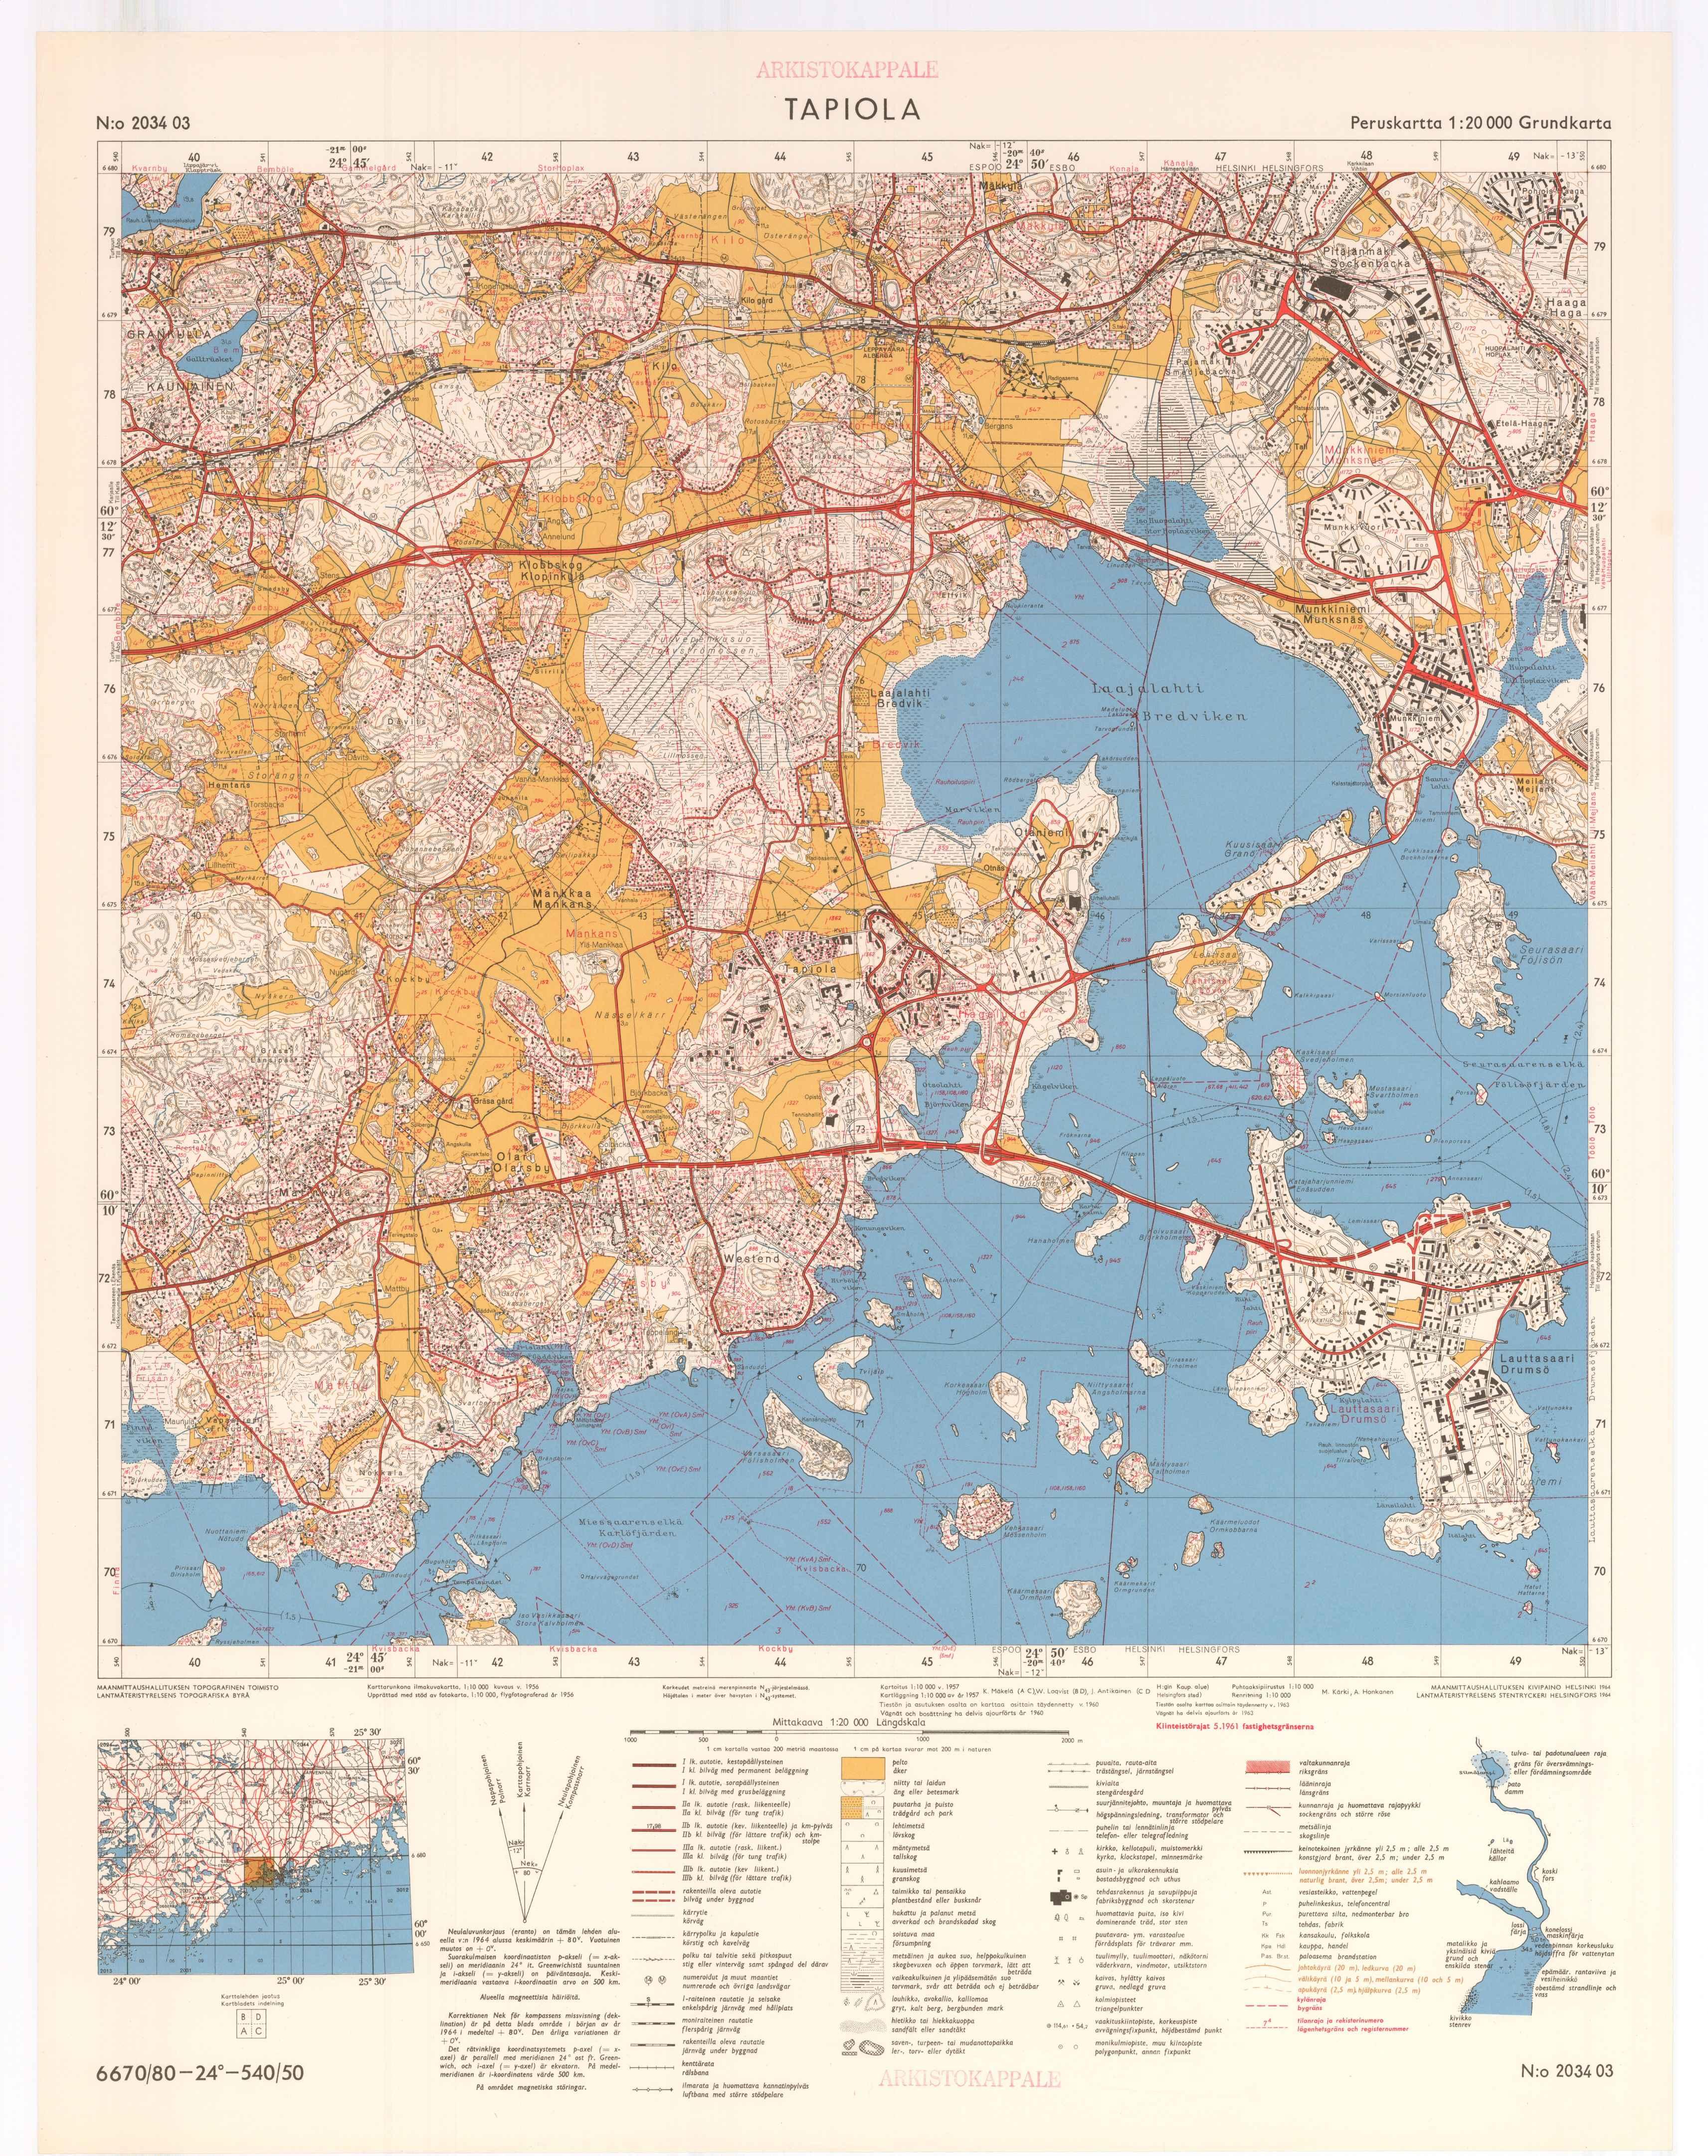 Kartta vuodelta 1961